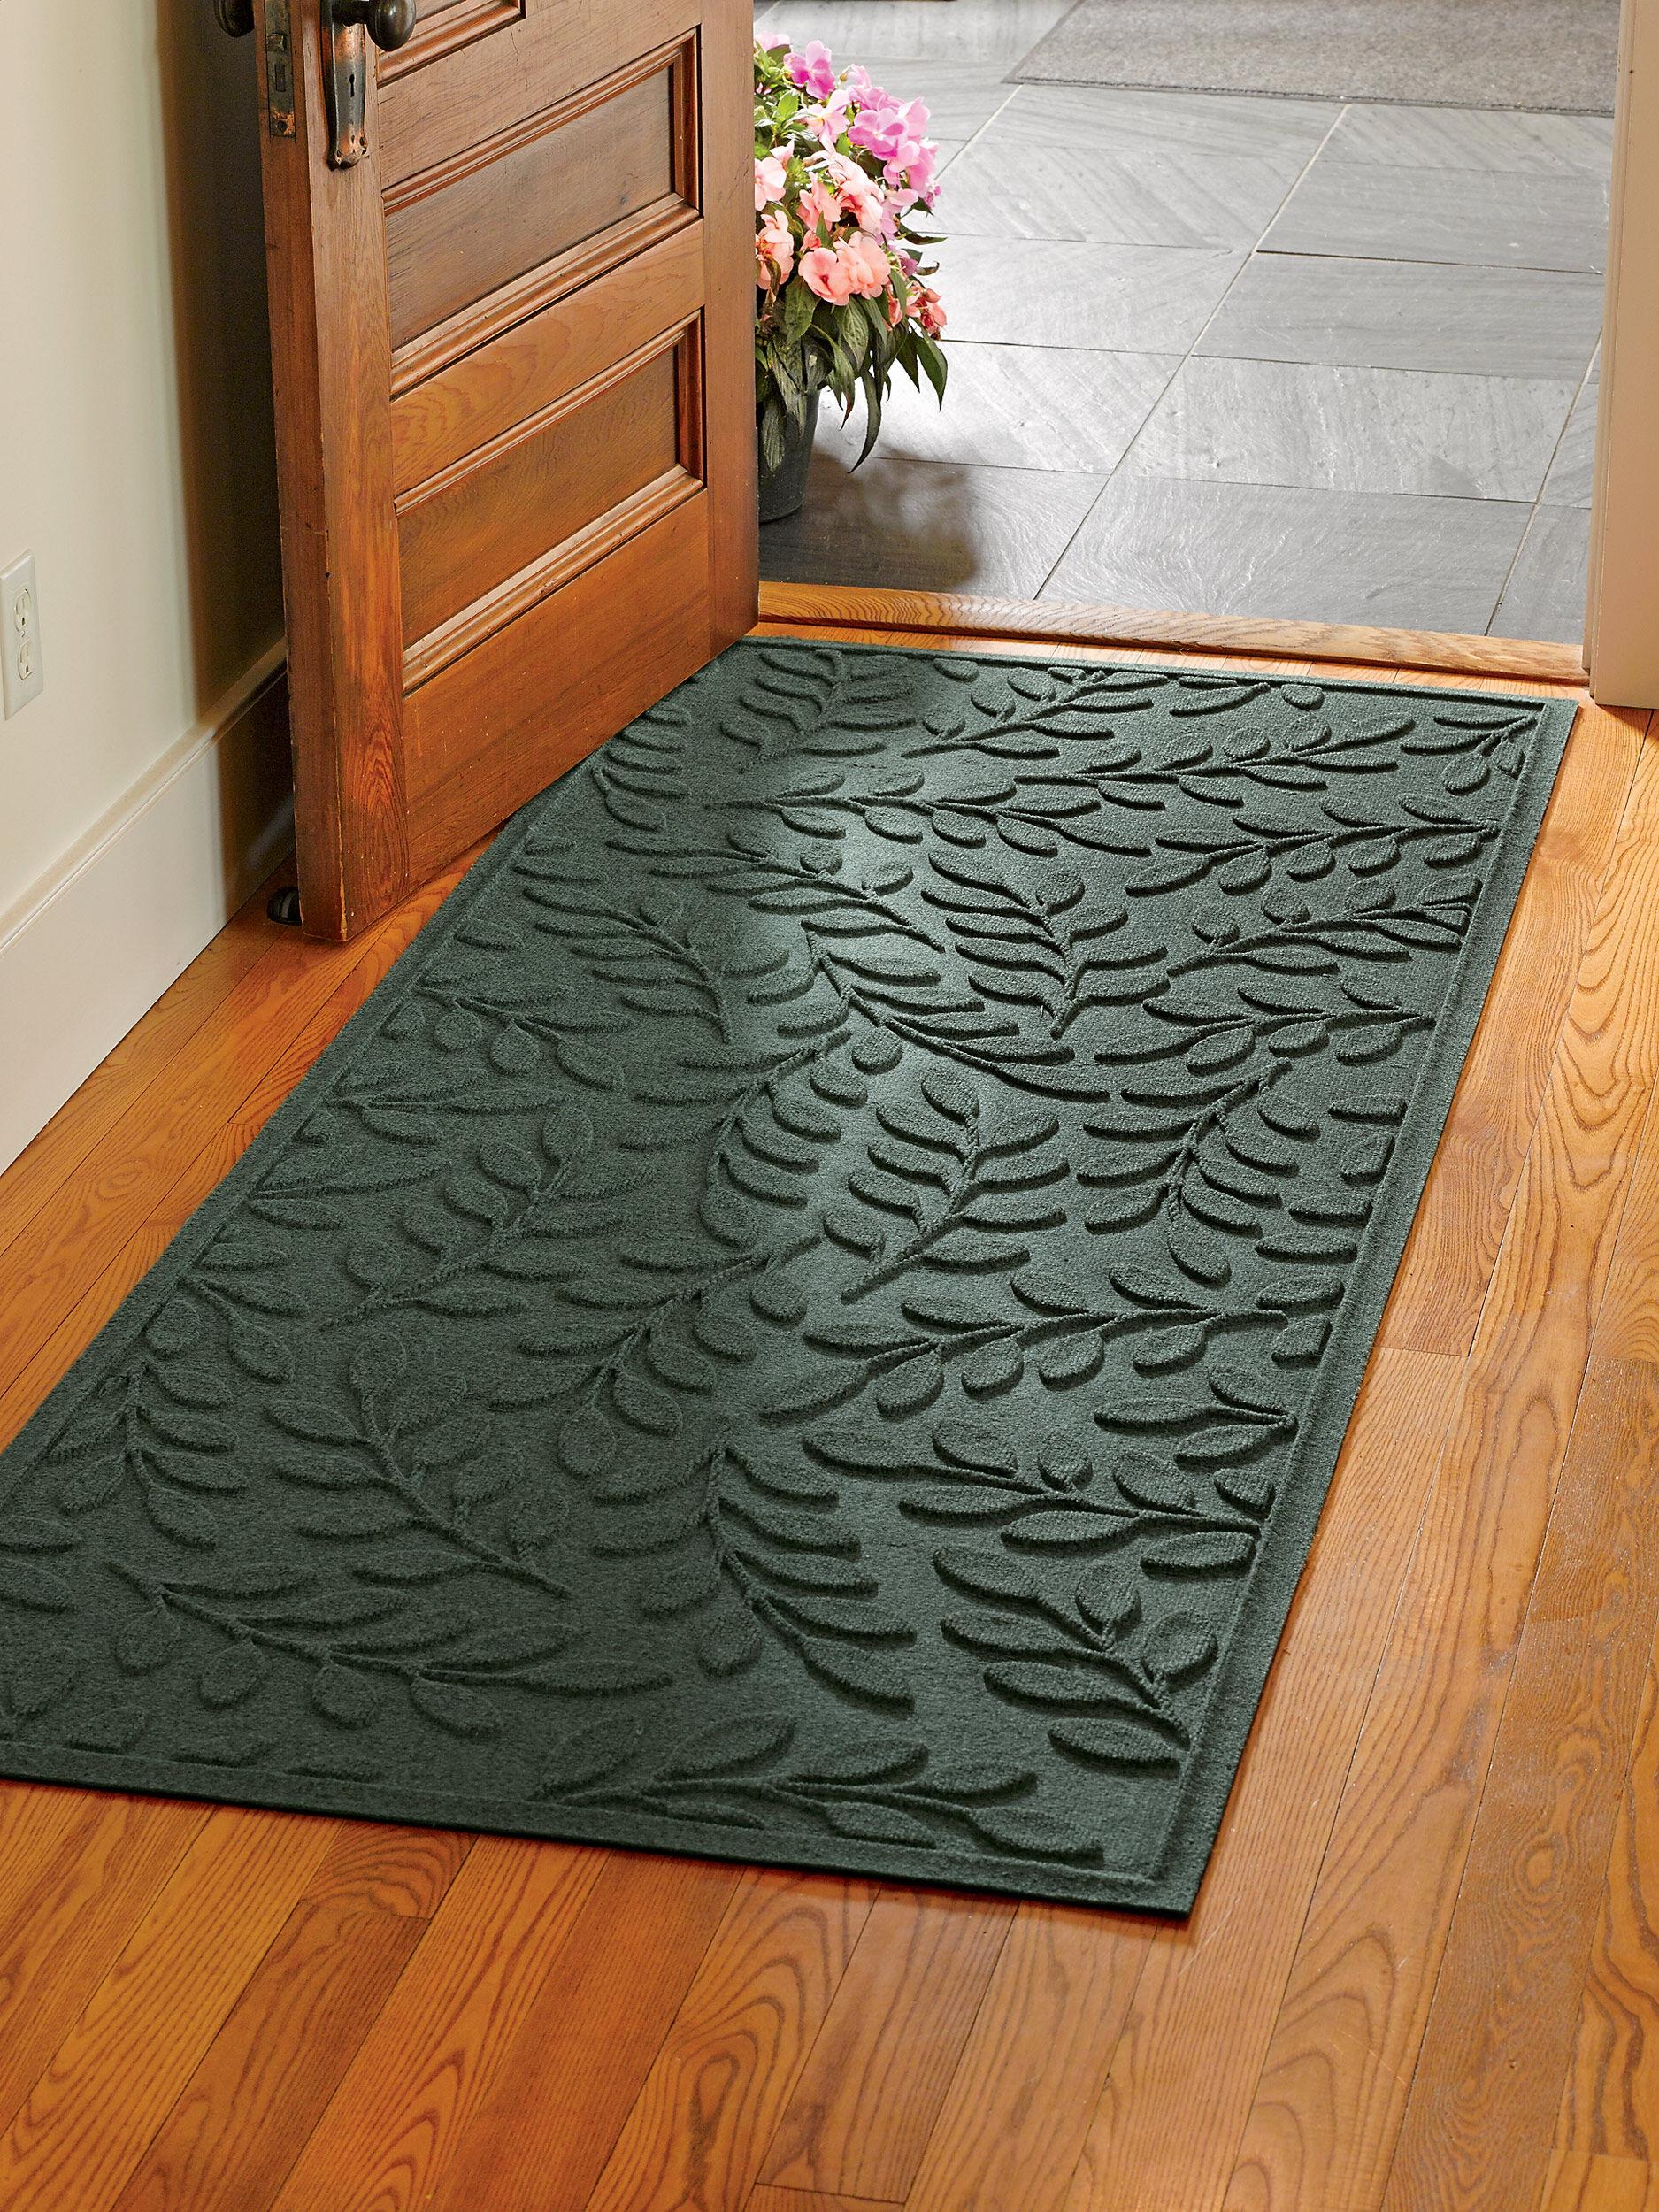 Rubber floor mats for house - Laurel Leaf Water Glutton Runner Mat 35 X